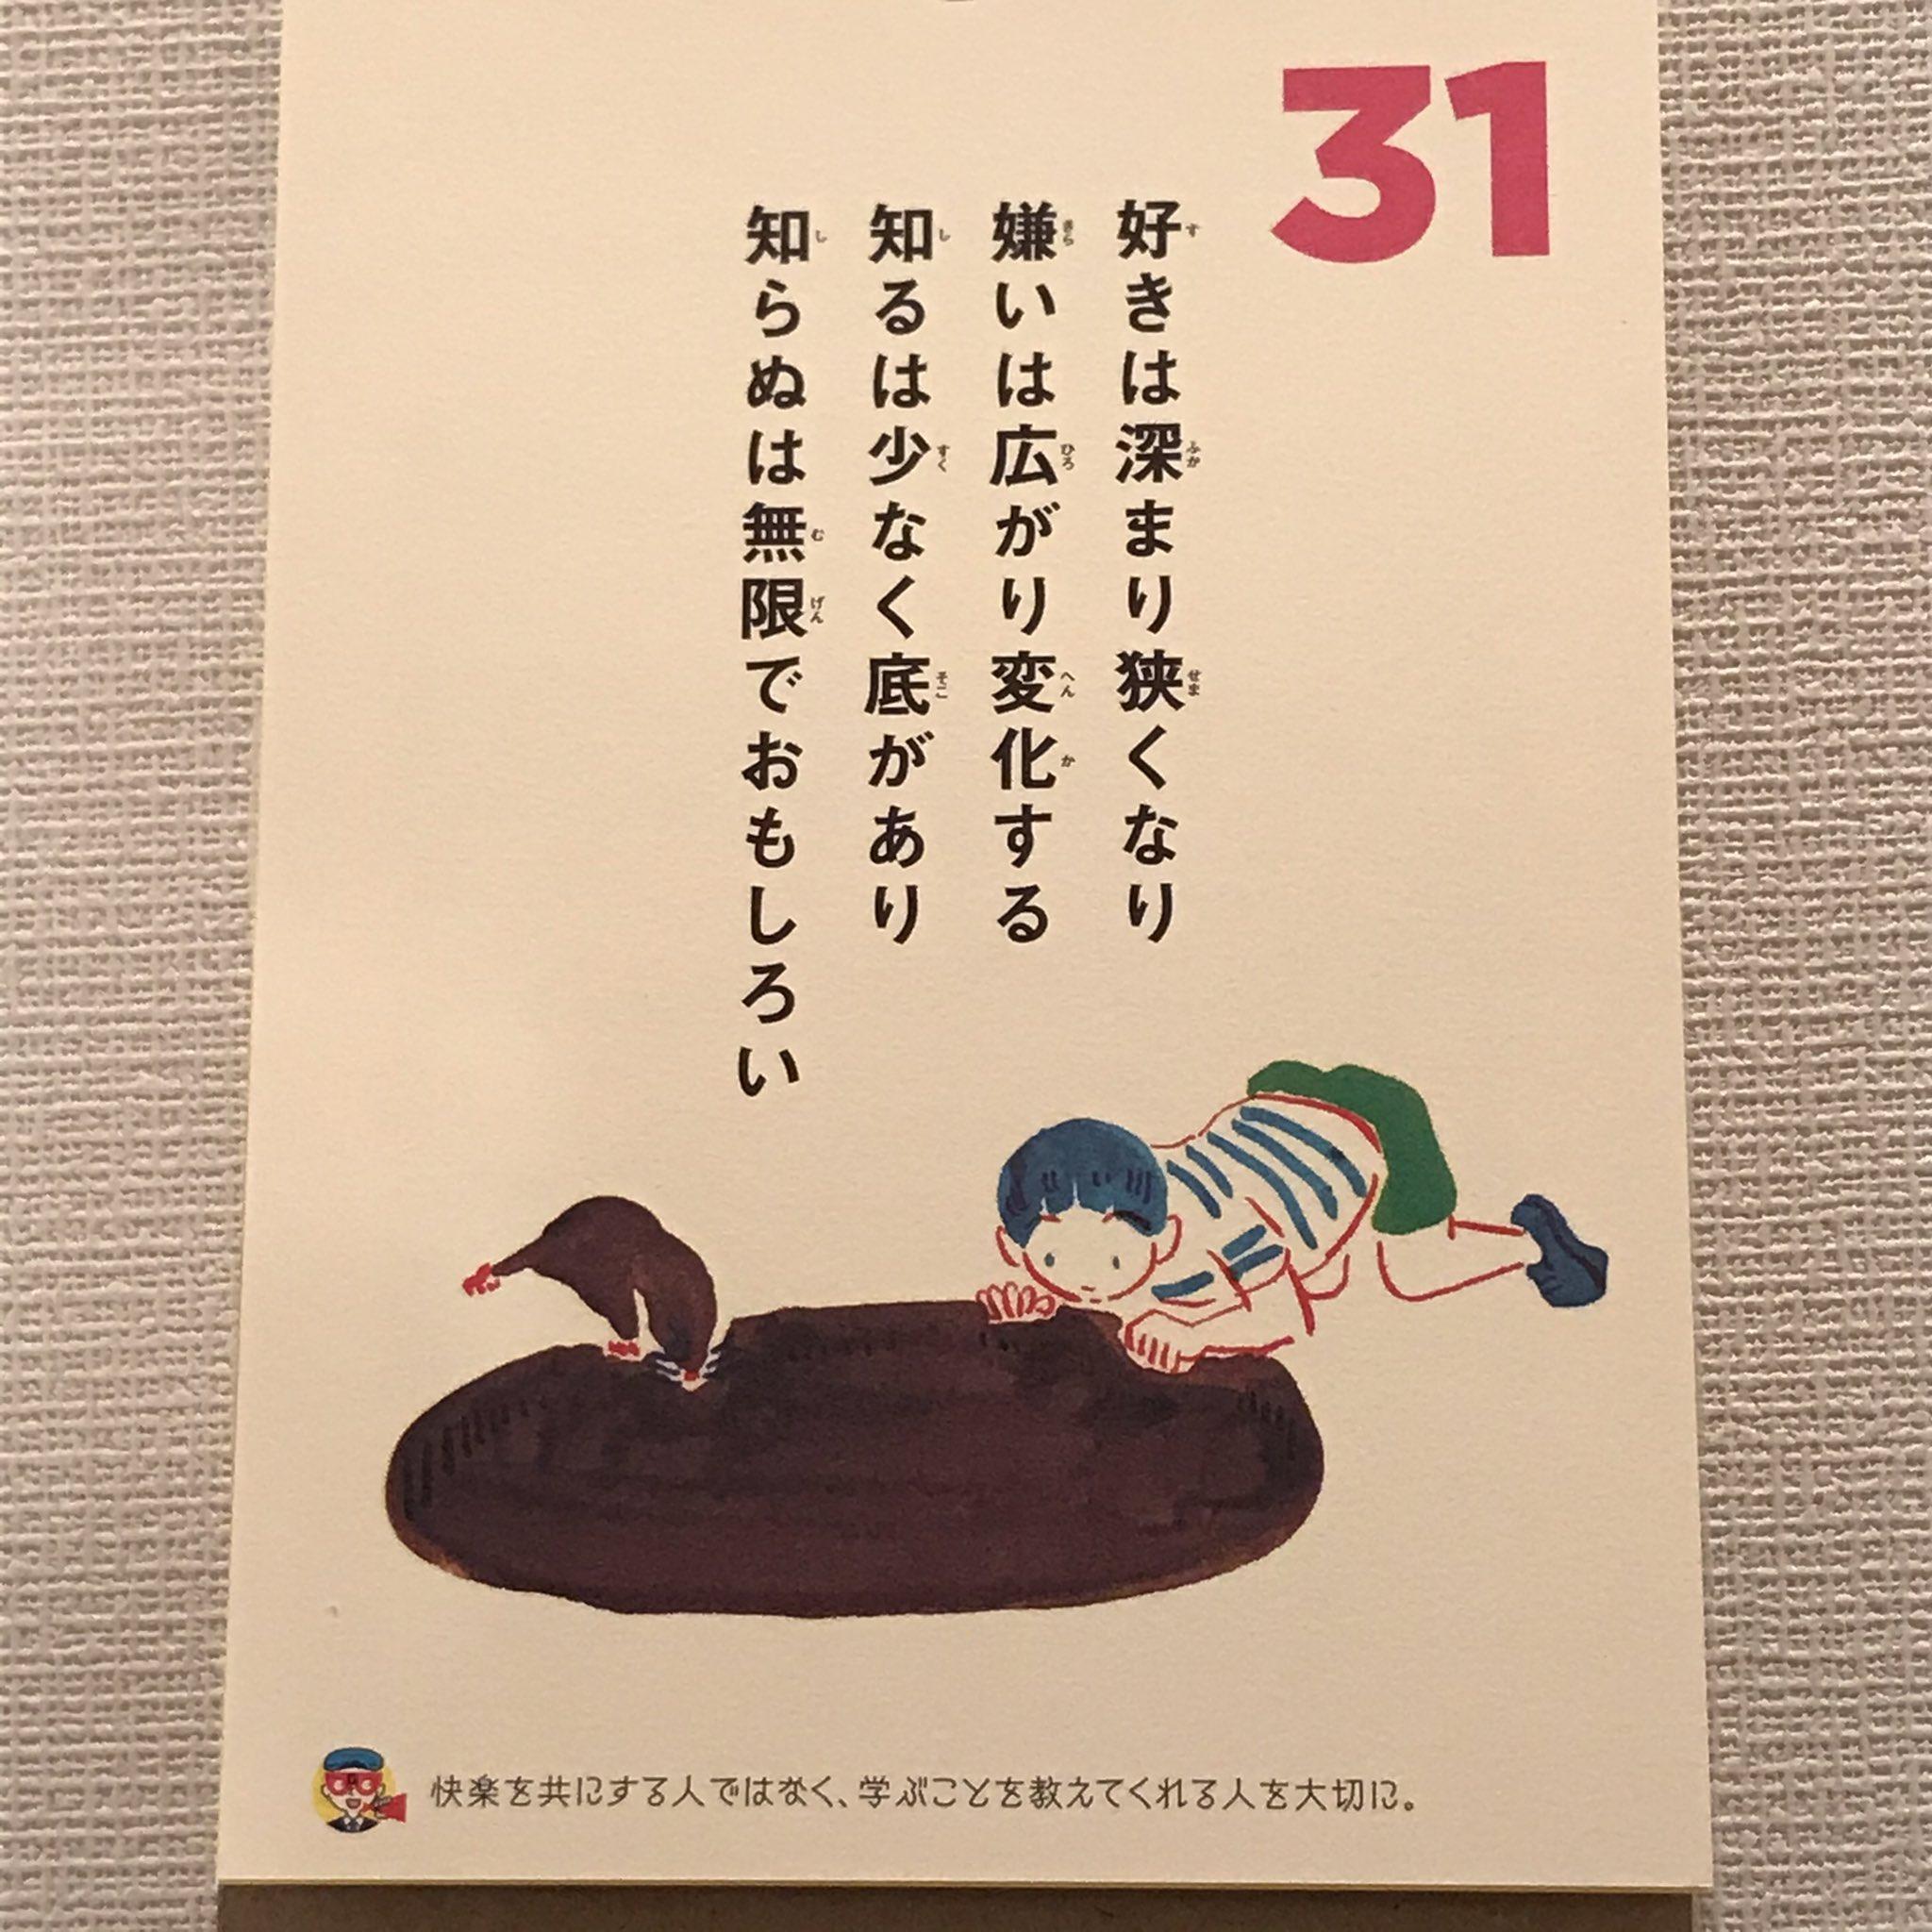 ツイッター ゲッターズ 飯田